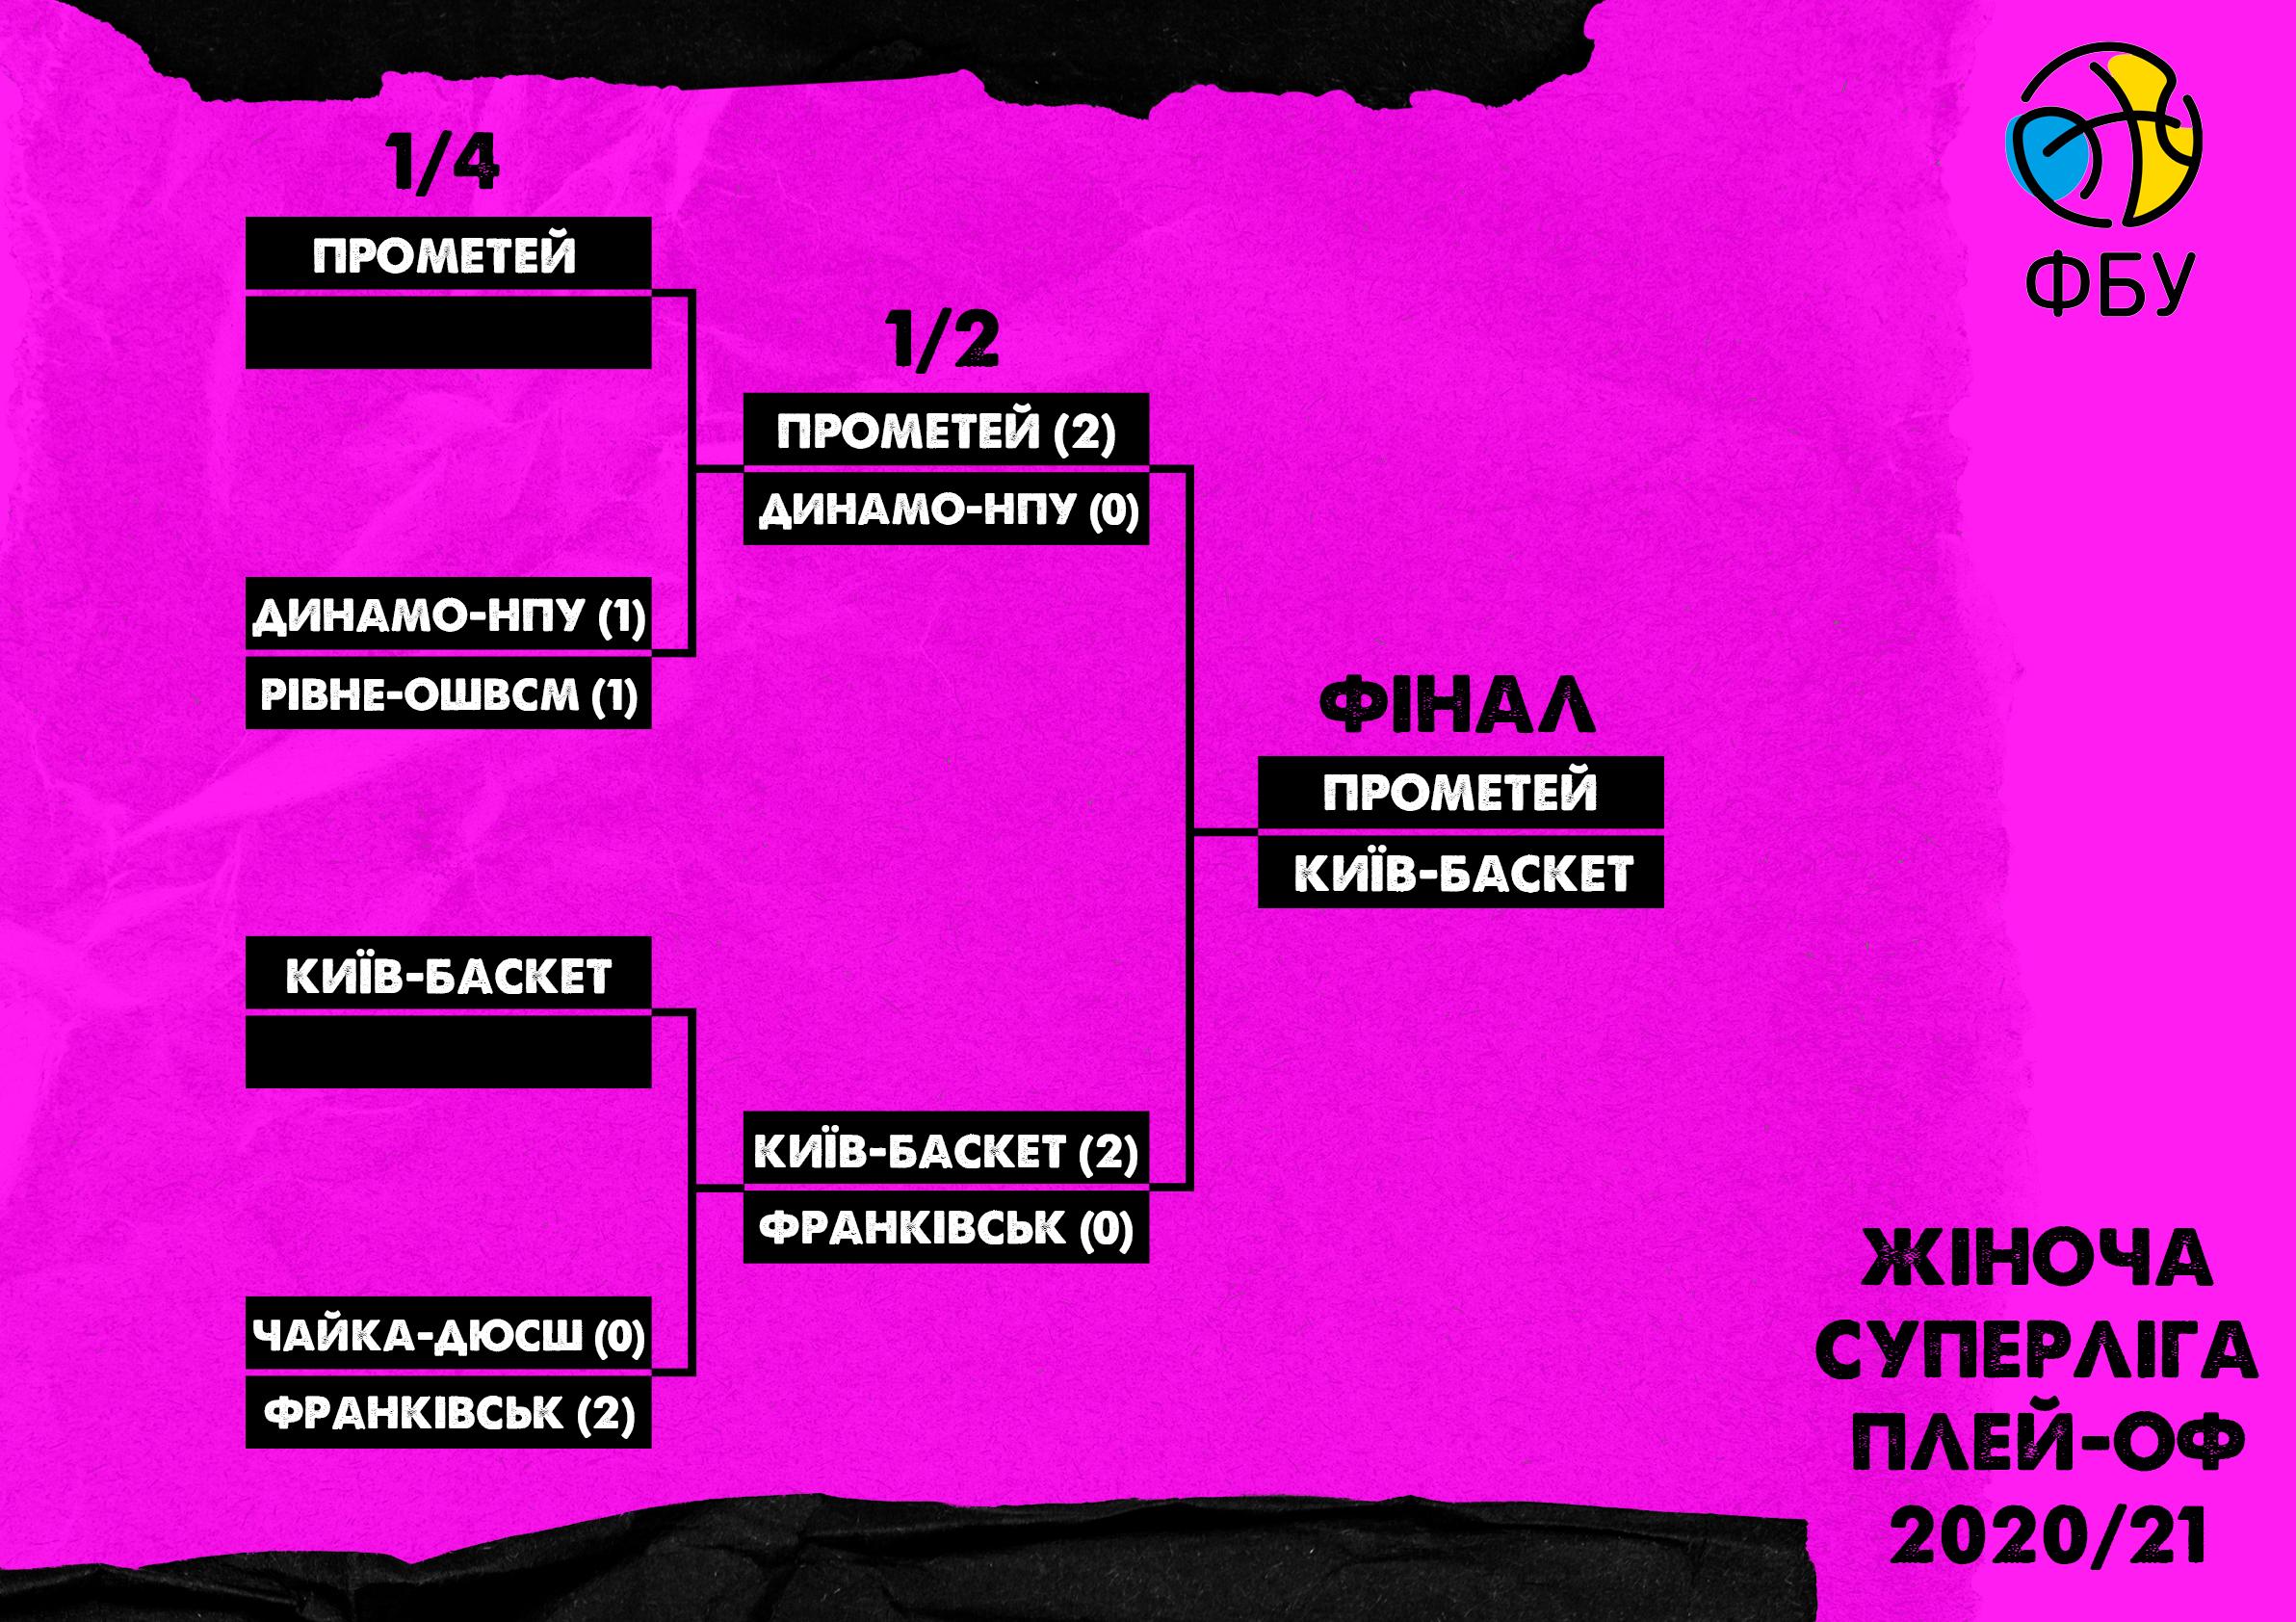 Битва за чемпіонство: нові дати матчів фіналу жіночої Суперліги між Прометеєм та Київ-Баскетом